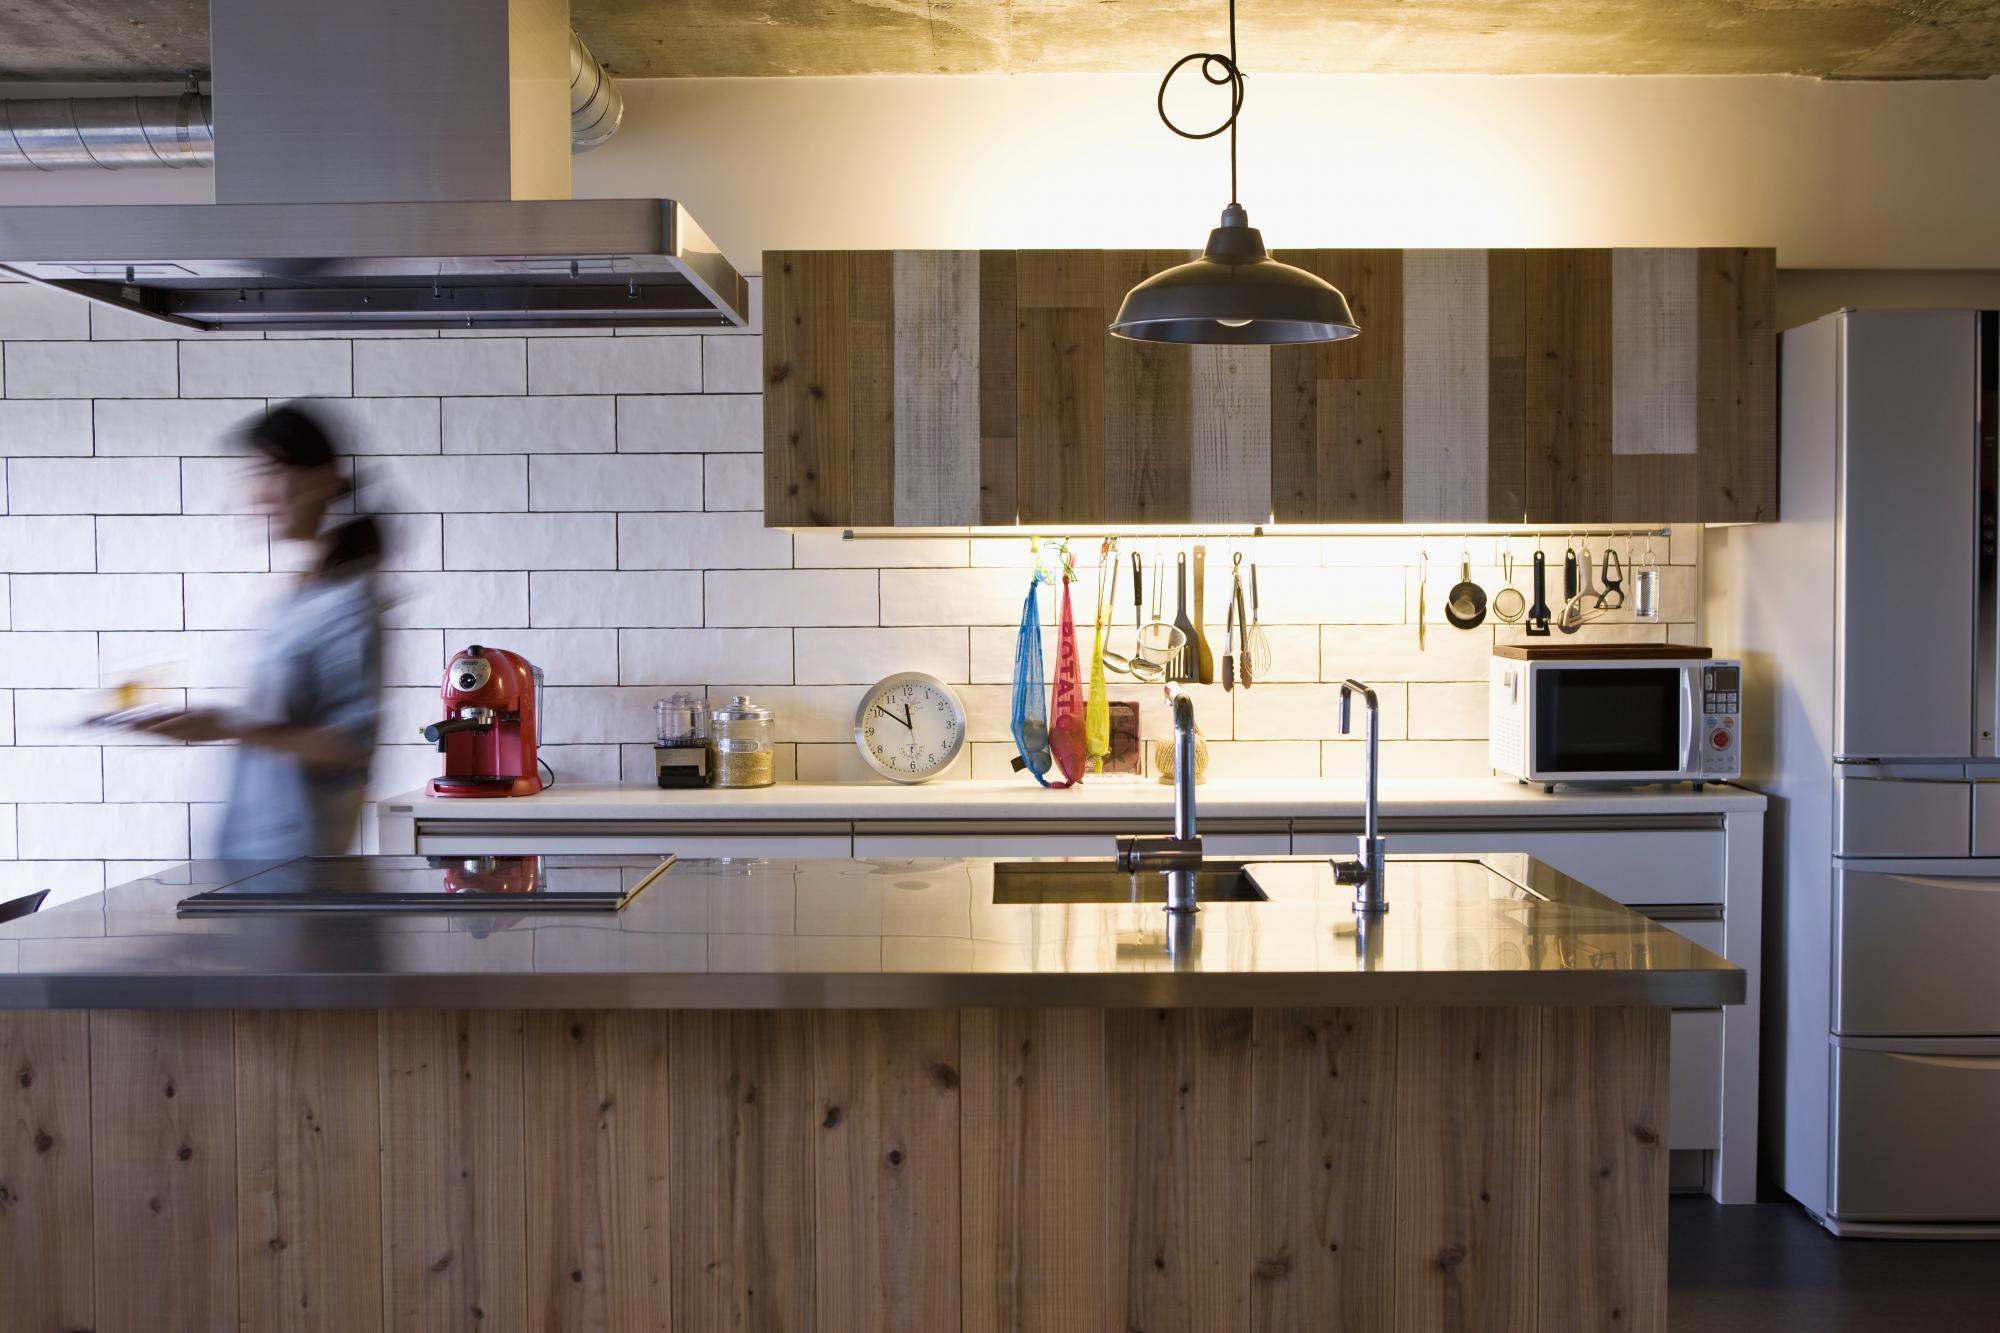 ■マンションから戸建てまで豊富なサービスメニューで暮らしにあわせた家づくりをサポートいたします。 お客様一人一人に合わせた住まいづくりと豊かな暮らしの実現を願って、一棟丸ごとリノベーション分譲マンションから、中古(マンション・戸建)購入+リノベーションのワンストップサービス、リノベーション済みマンションや戸建てリノベーション物件の販売など、こだわりに合わせて選べる豊富なリノベーションサービスメニューをご用意しています。  気になる安心安全面でのクオリティ確保のための独自基準や資金計画アドバイス・有利な提携ローンも充実。 リノベーションセミナーや見学会も随時開催。 年会費・入会費無料の「Club ReNOVATION」会員になると、物件情報・イベント情報を優先的にご案内する他、リノベーションブック「+R」をプレゼントしています。